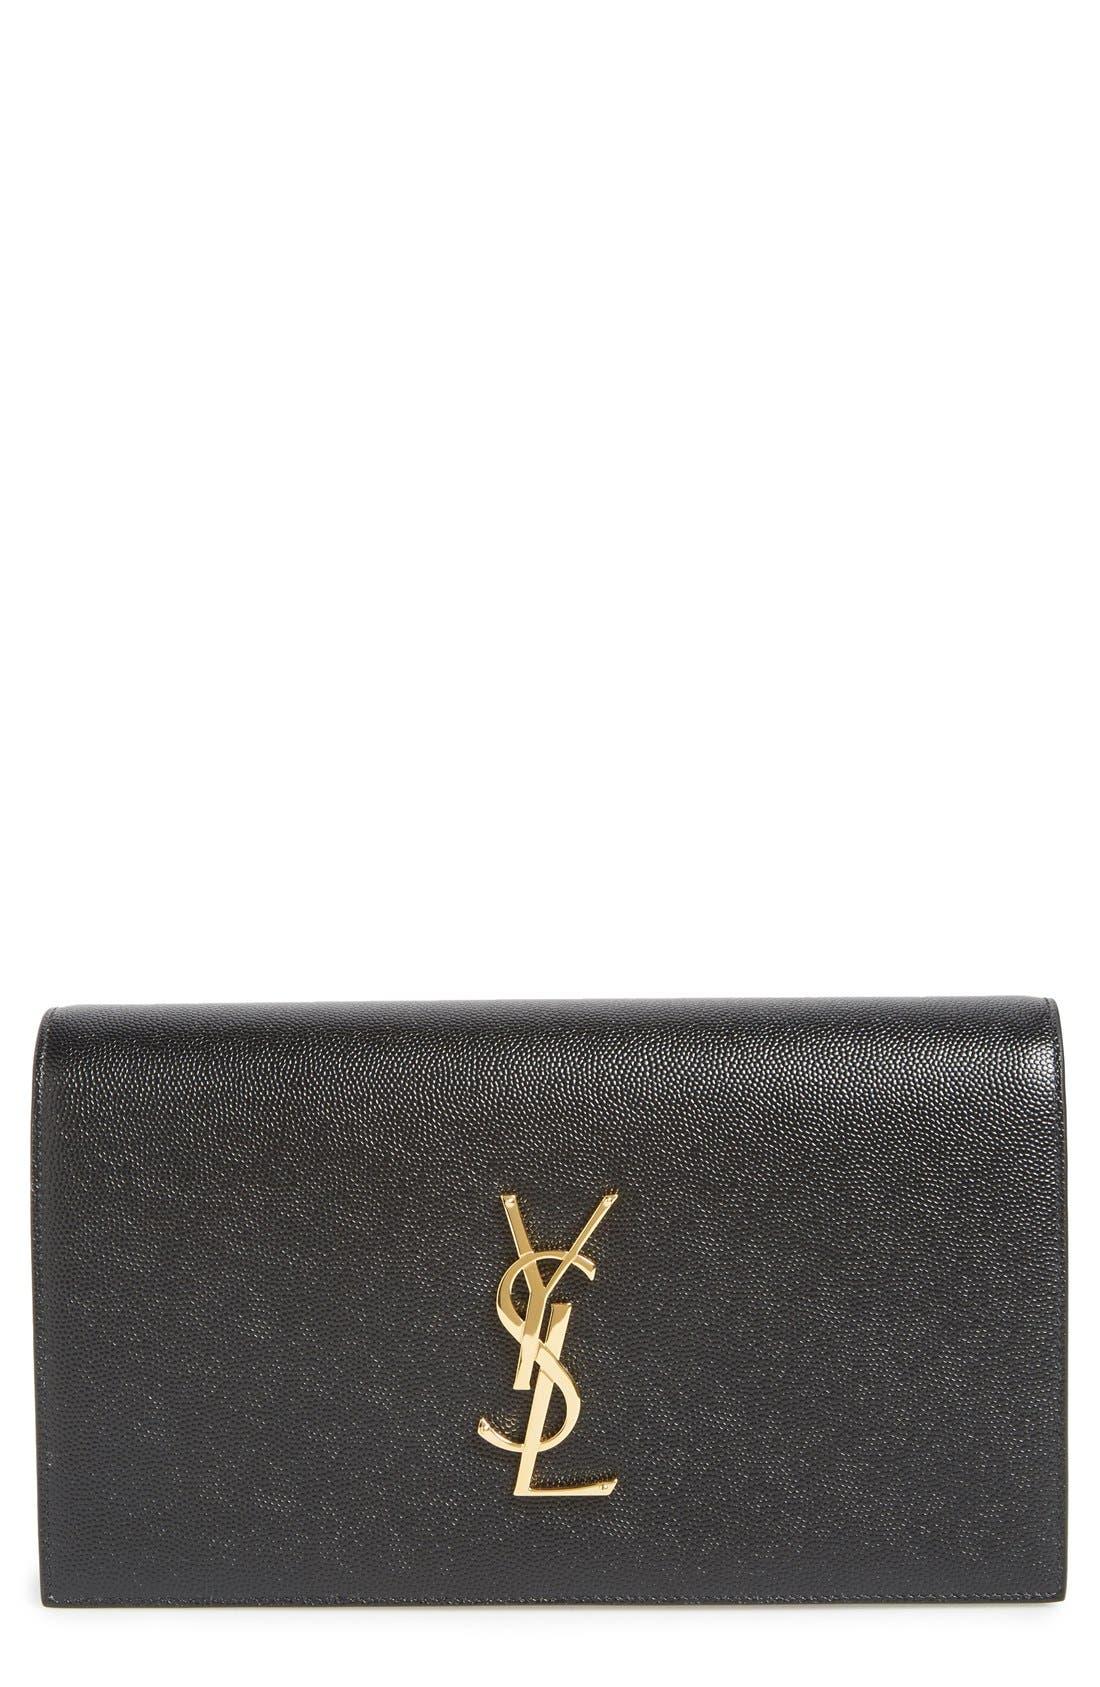 'Monogram' Leather Clutch,                         Main,                         color, NOIR